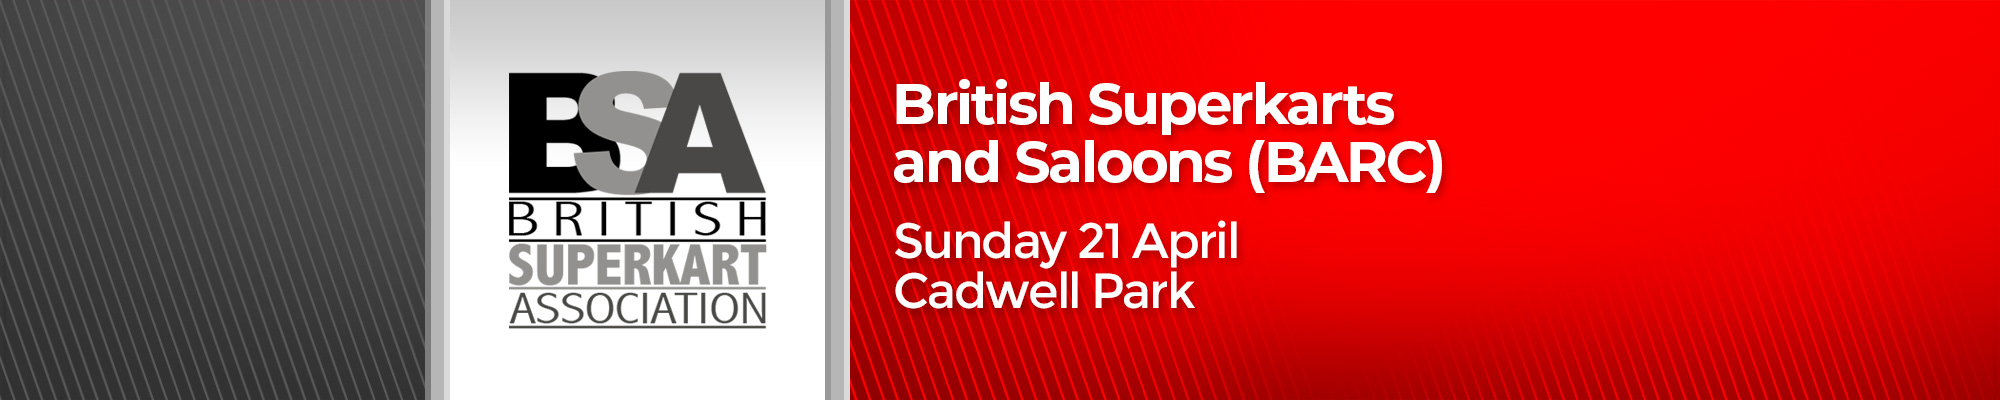 British Superkarts and Saloons